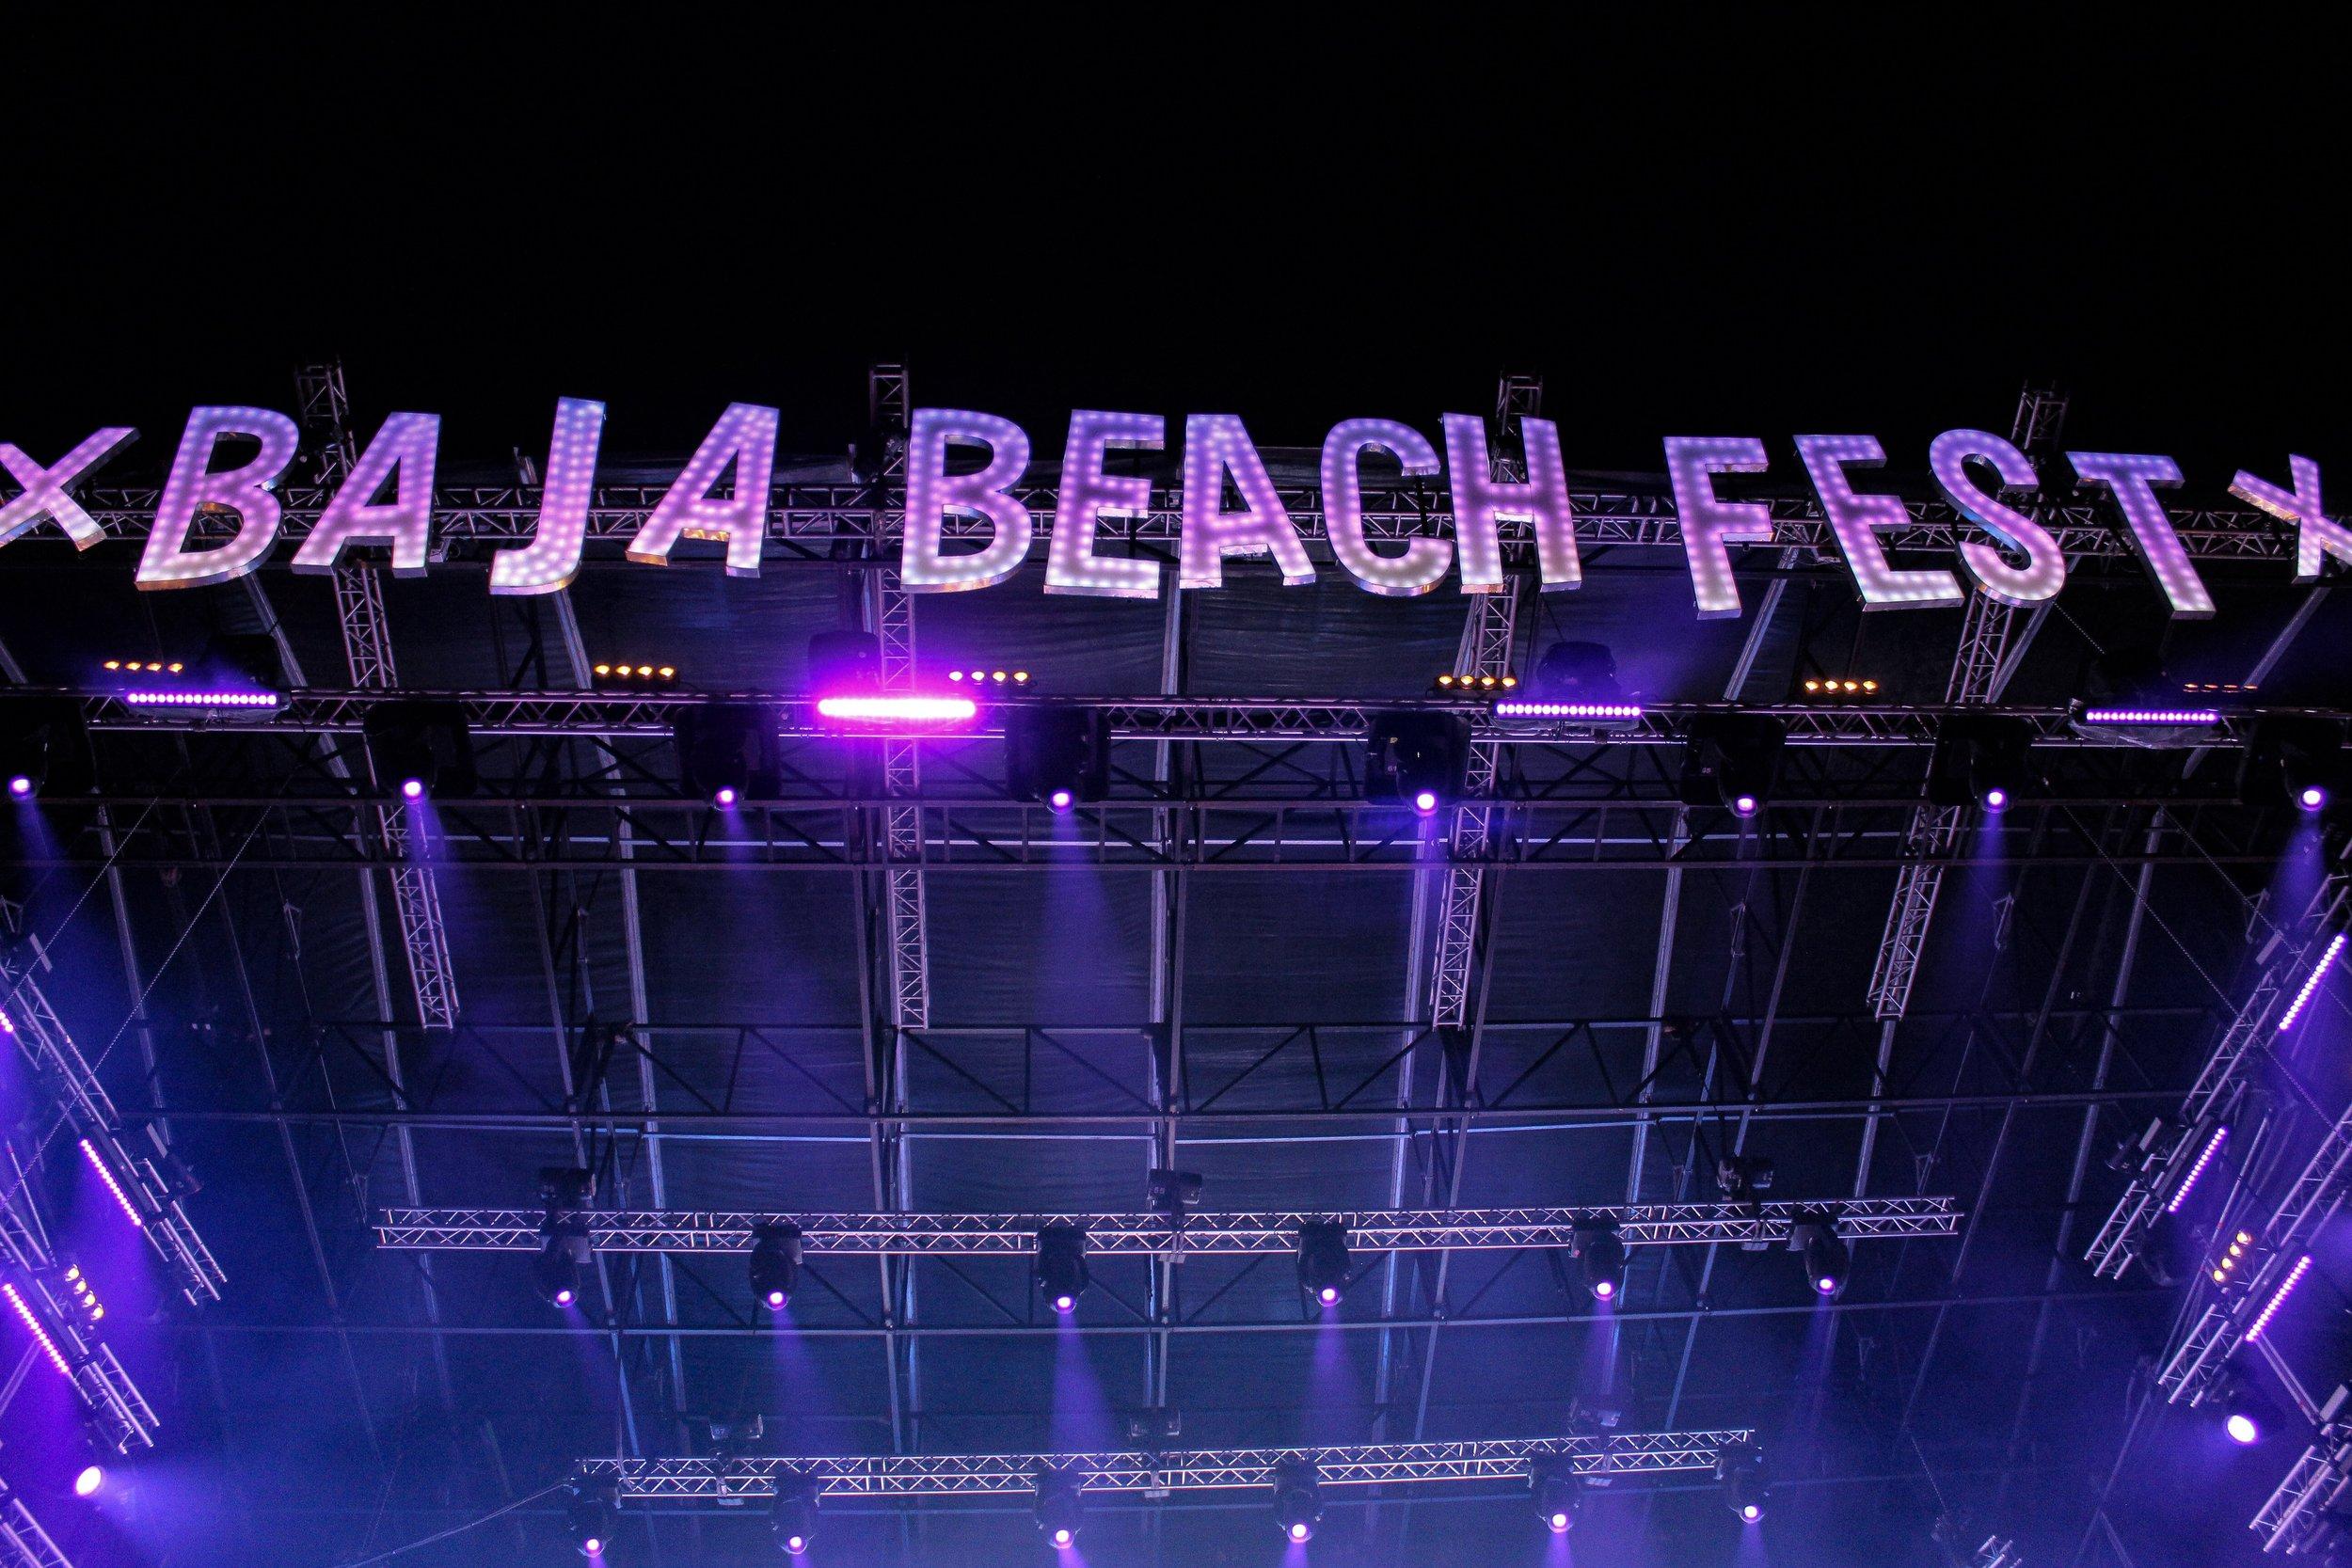 Baja Beach Fest stage by Roger Martinez